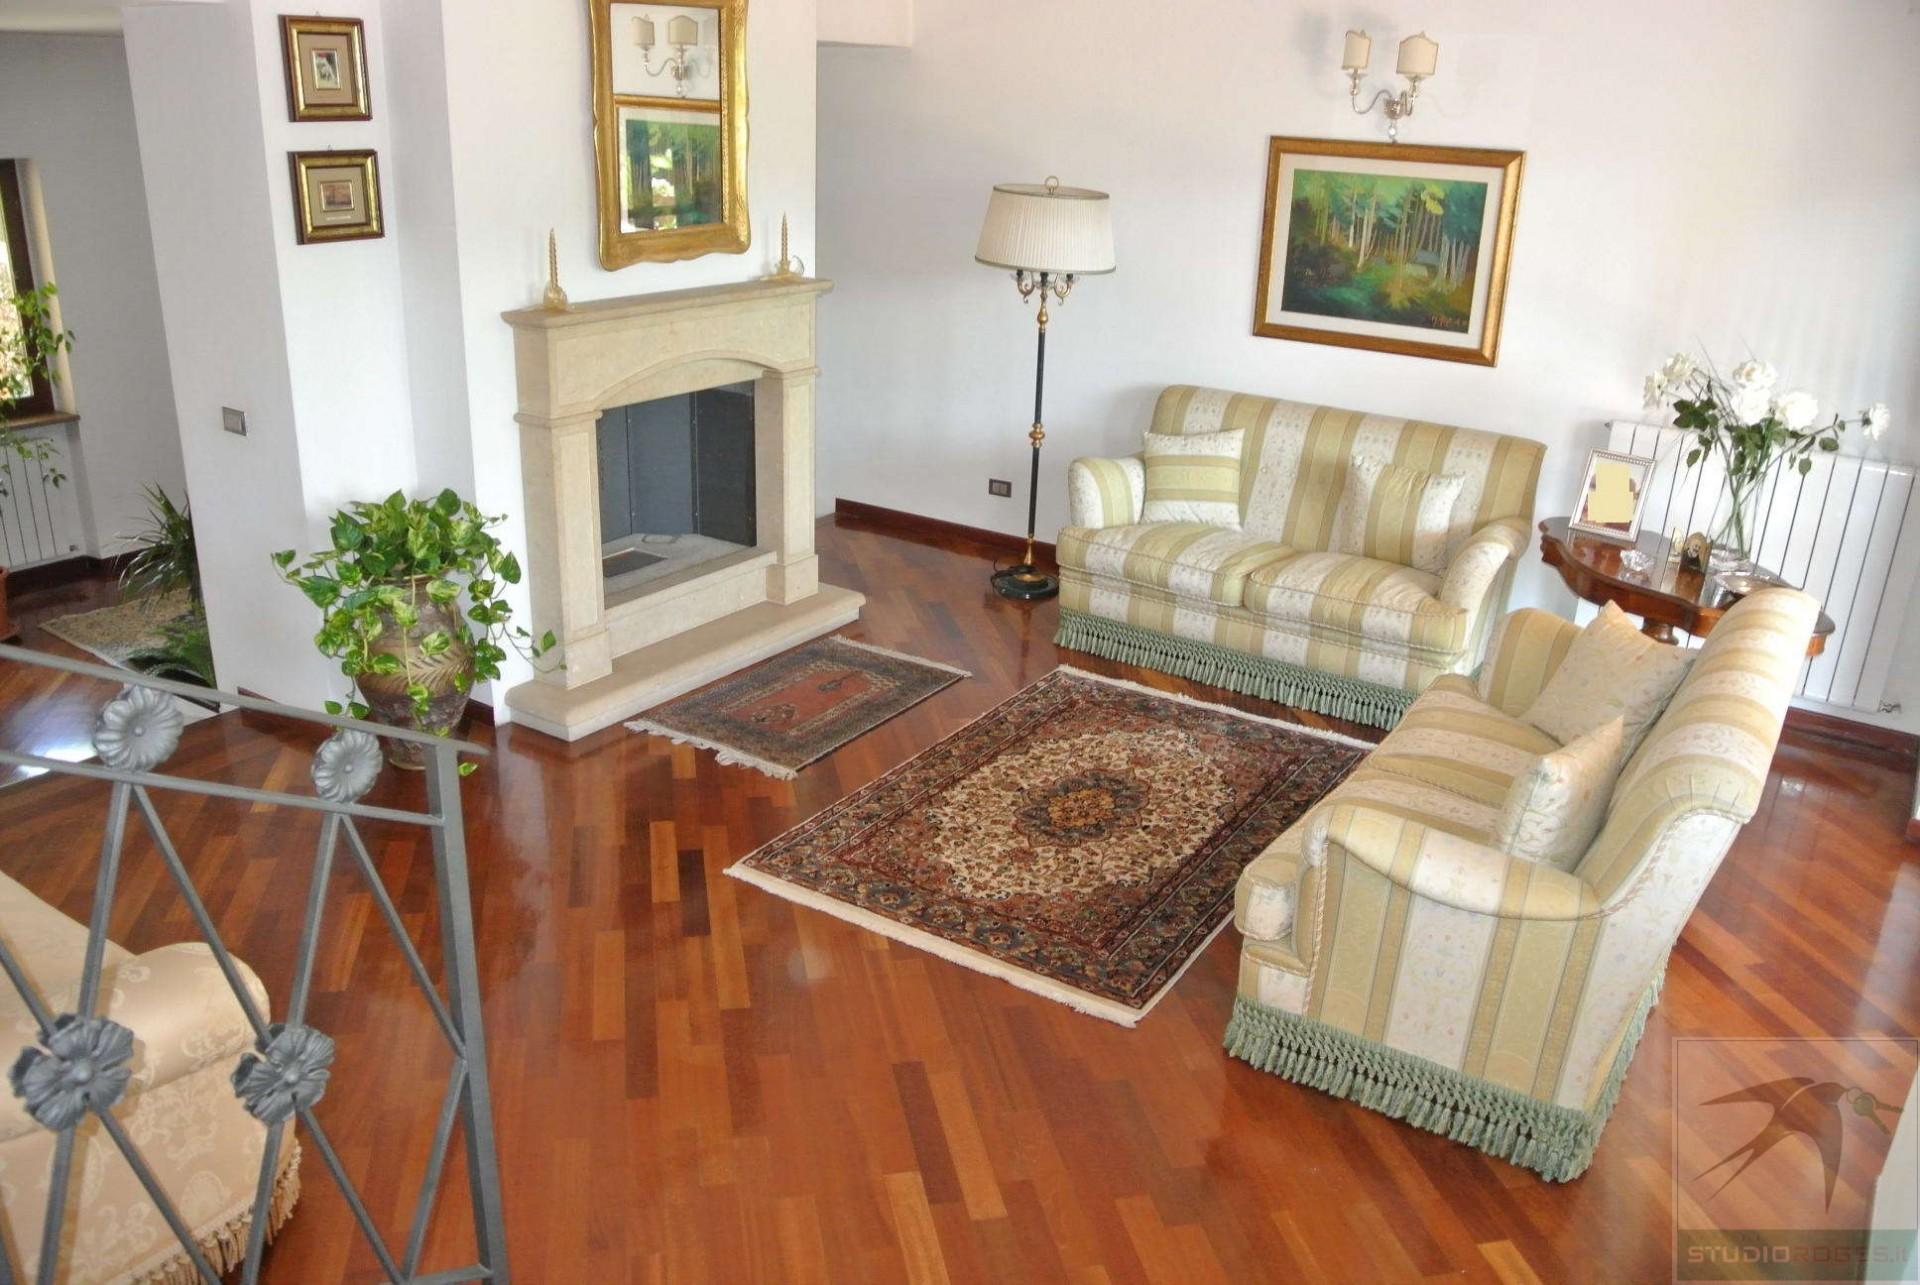 Villa in Vendita 386,00 mq - N. camere: 8 - - Rende - Quattromiglia-Viale dei giardini (CS)